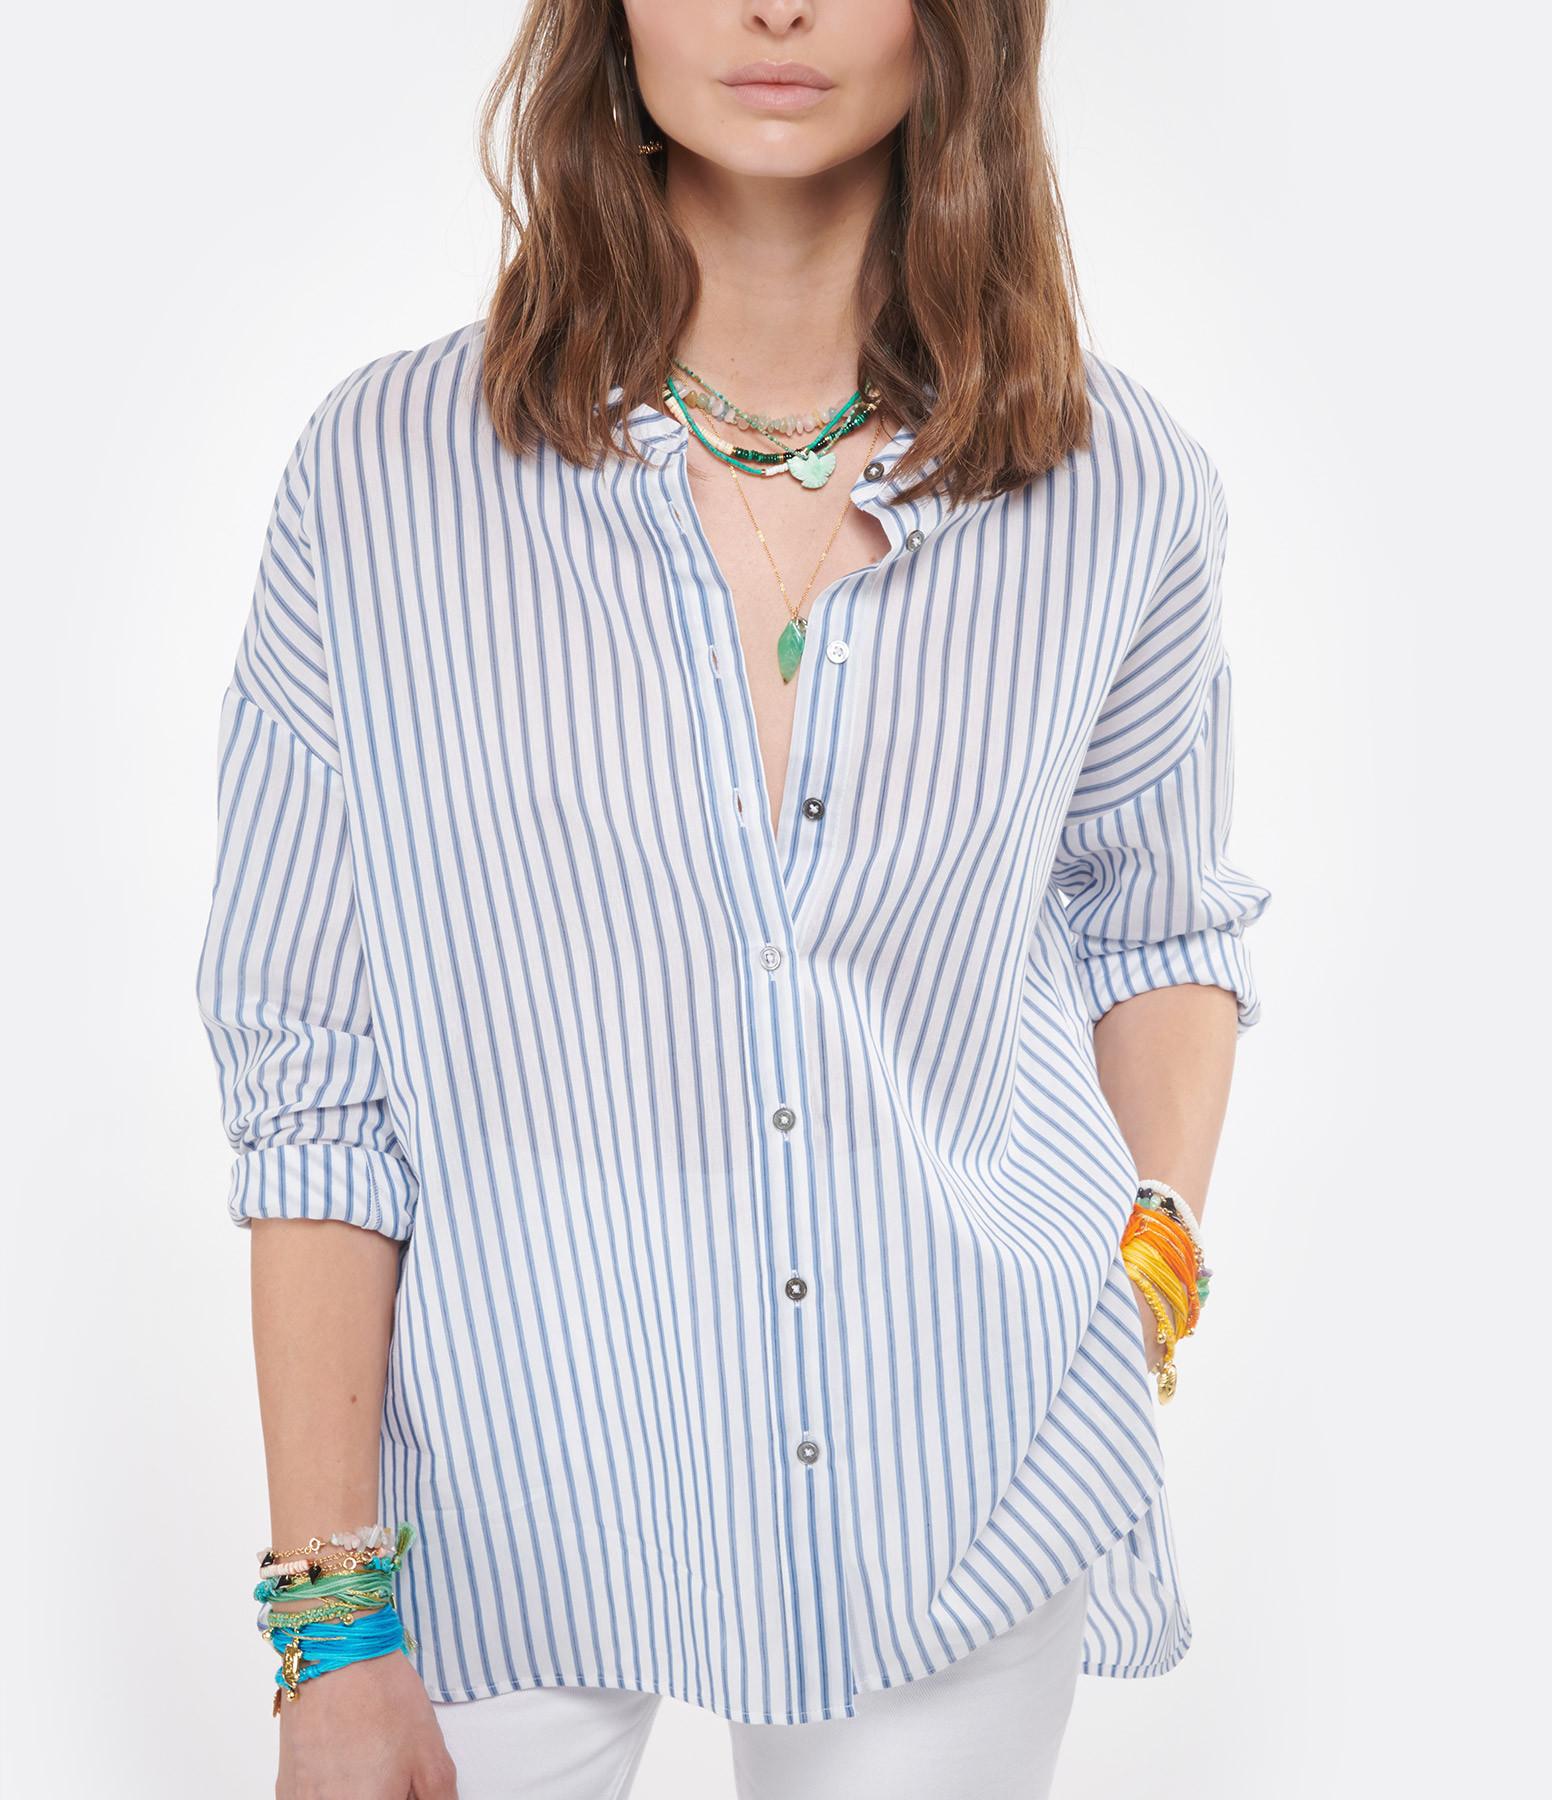 HANA SAN - Blouse Francesca Bleu